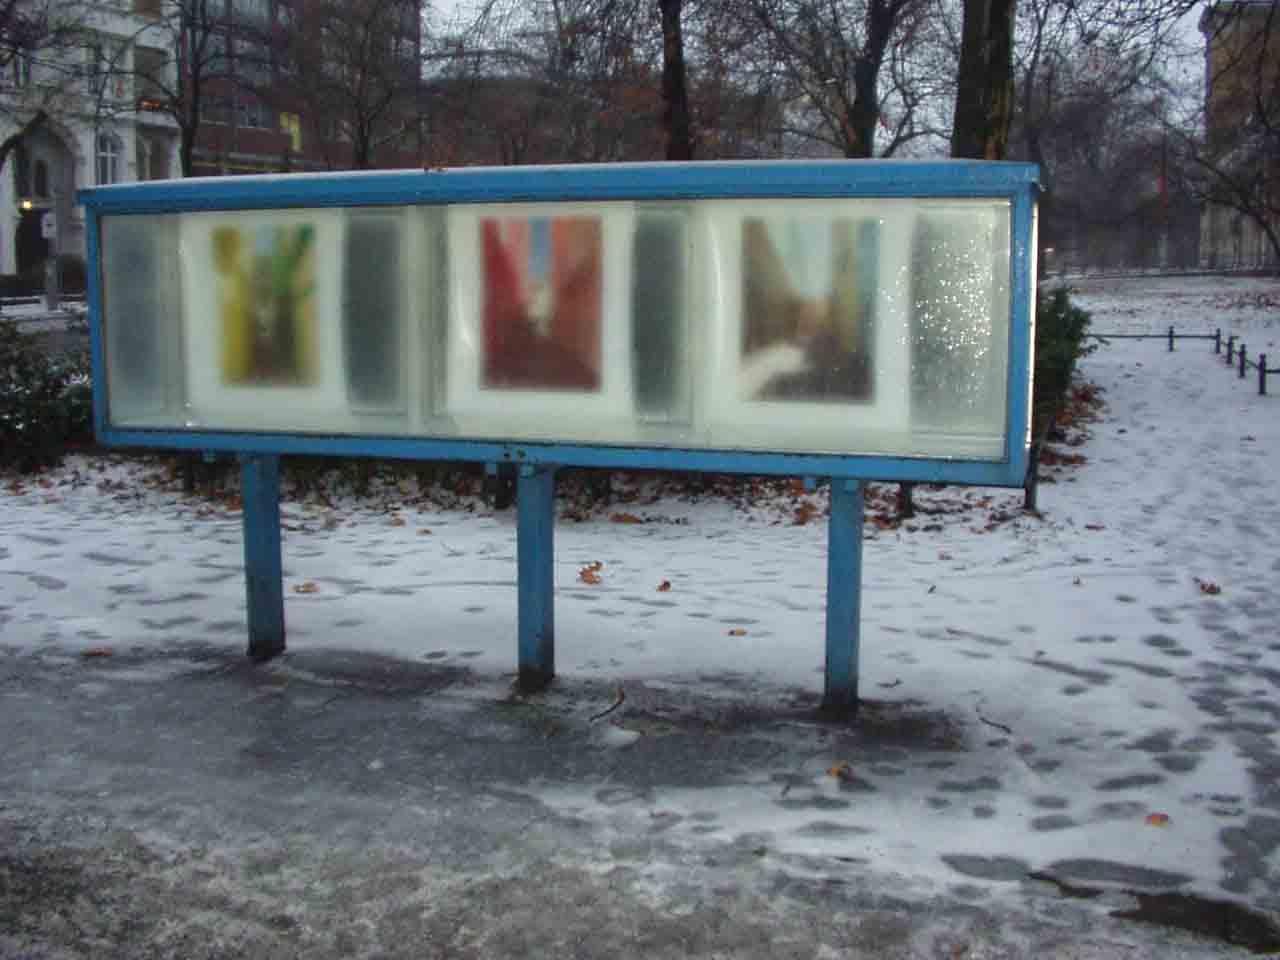 drei tropische Bilder im Berliner Eis